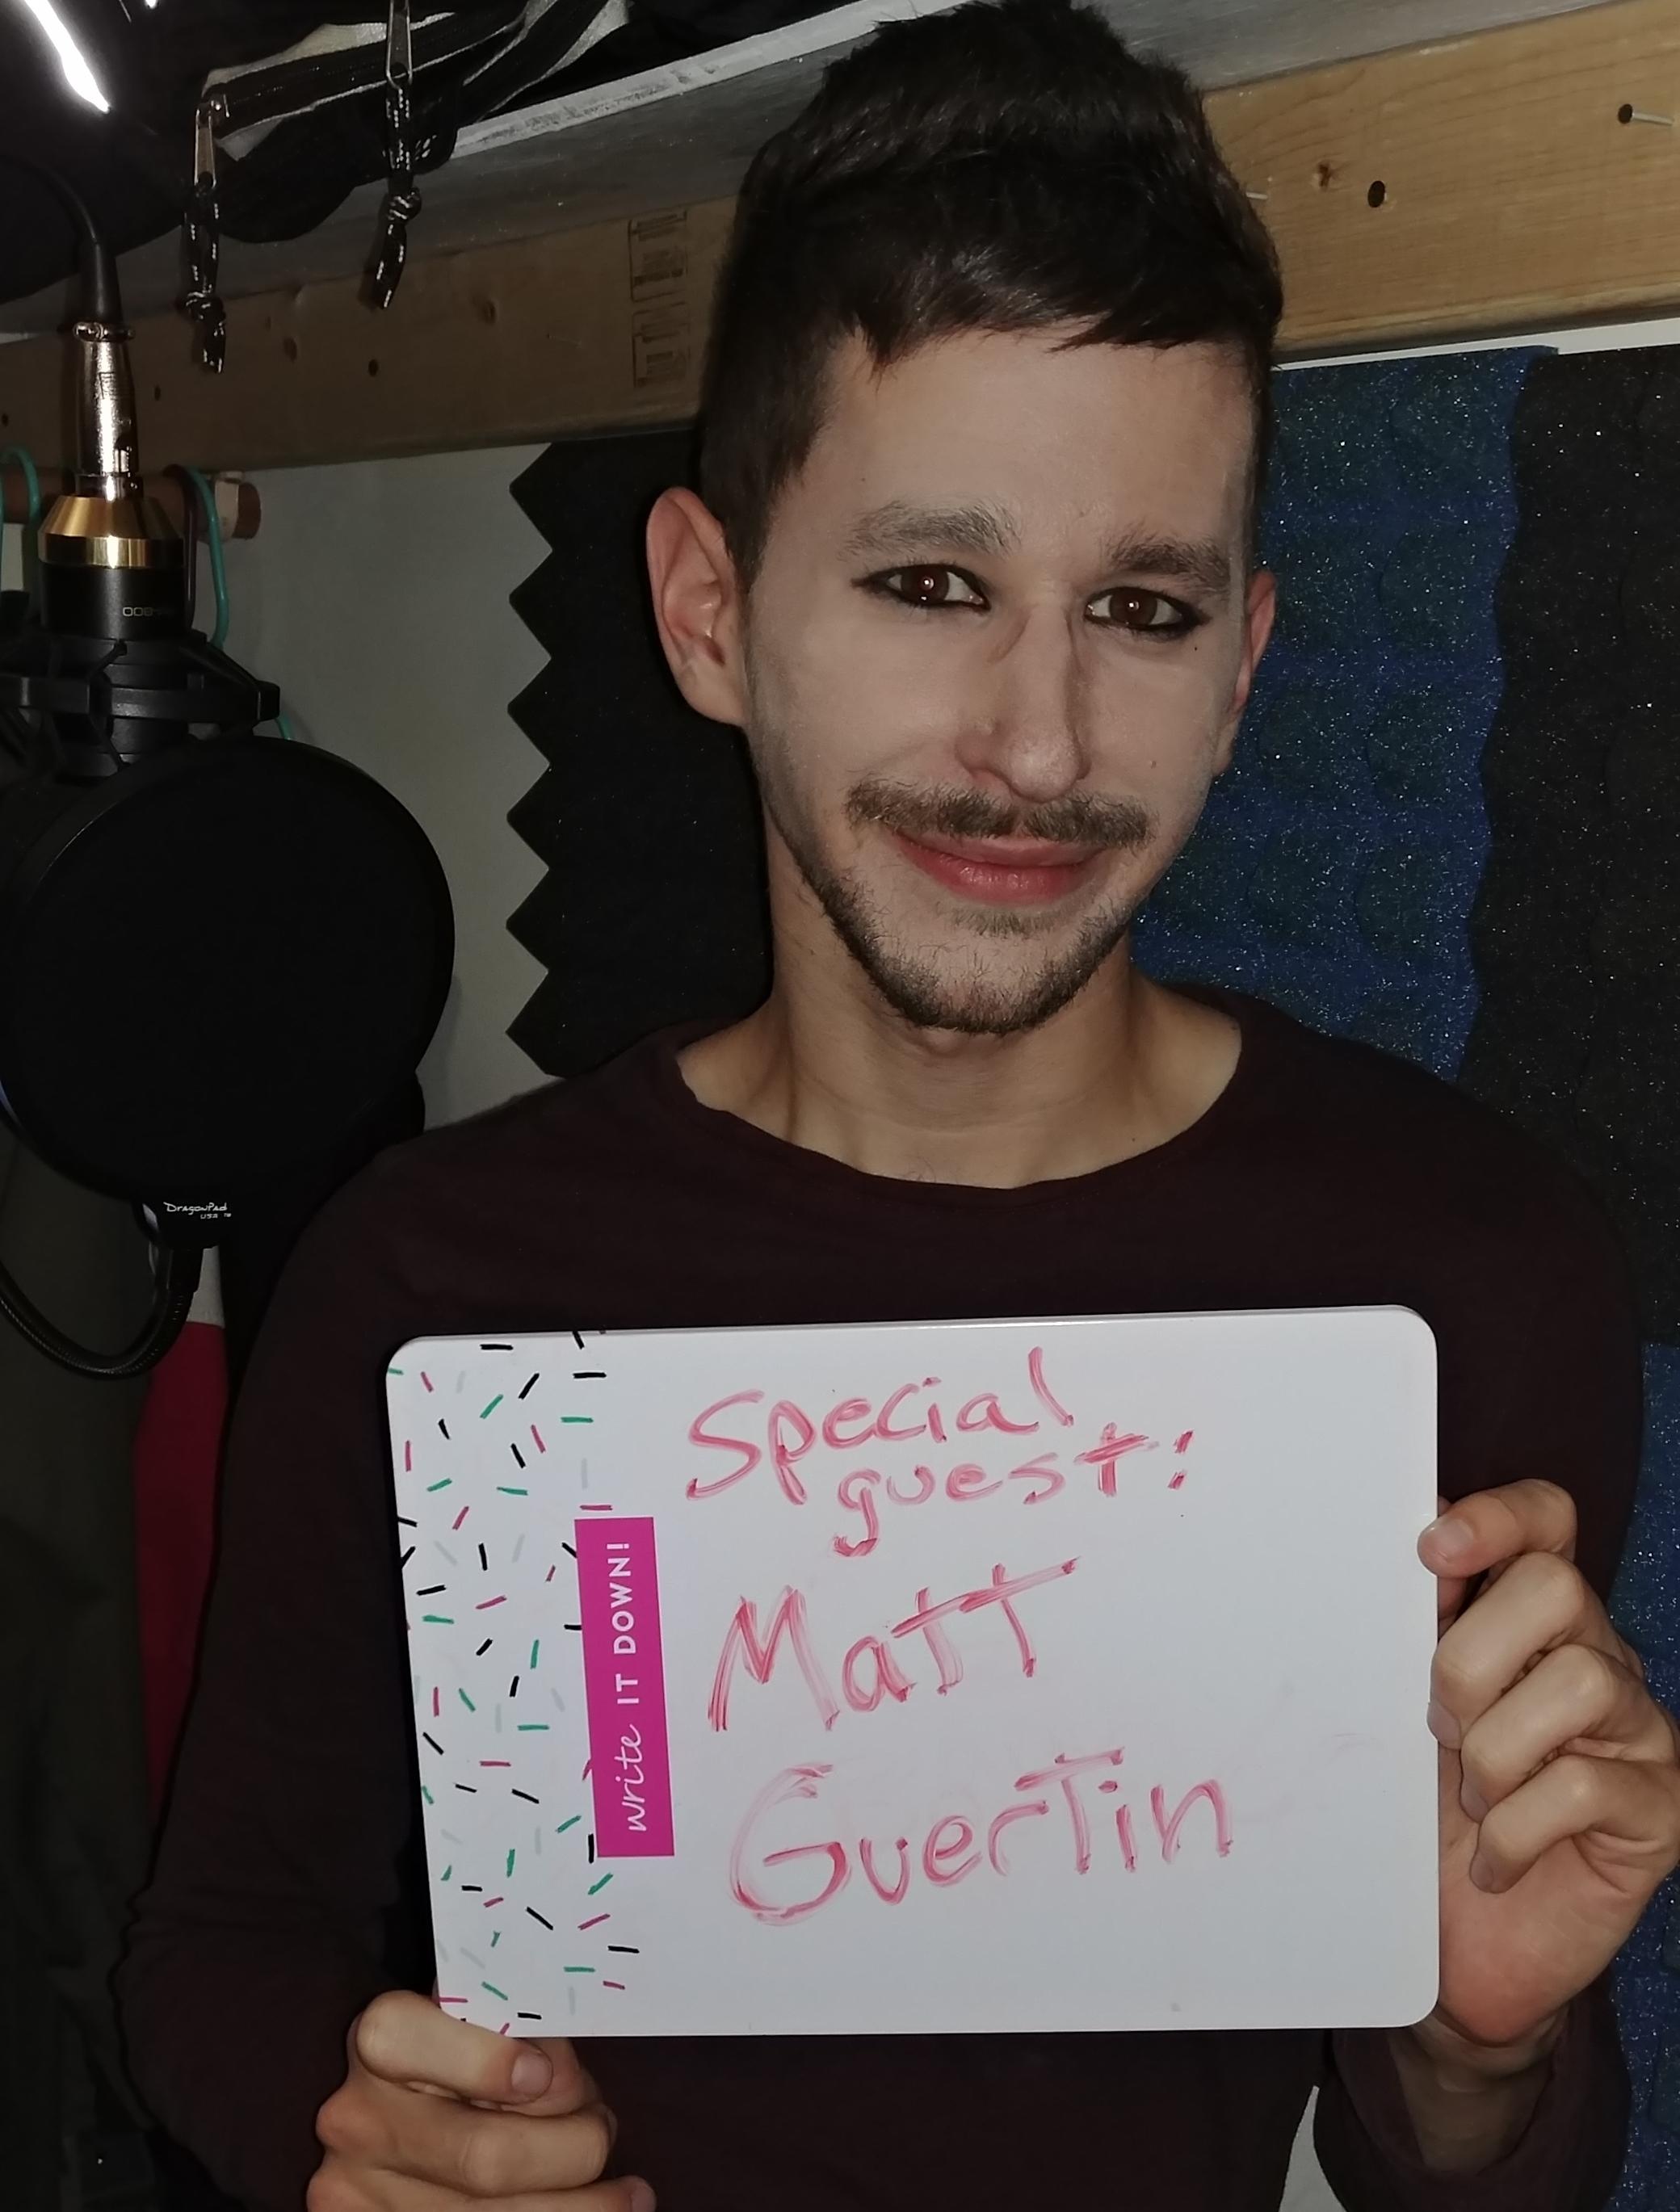 Starring Matthew Guertin as  Adam